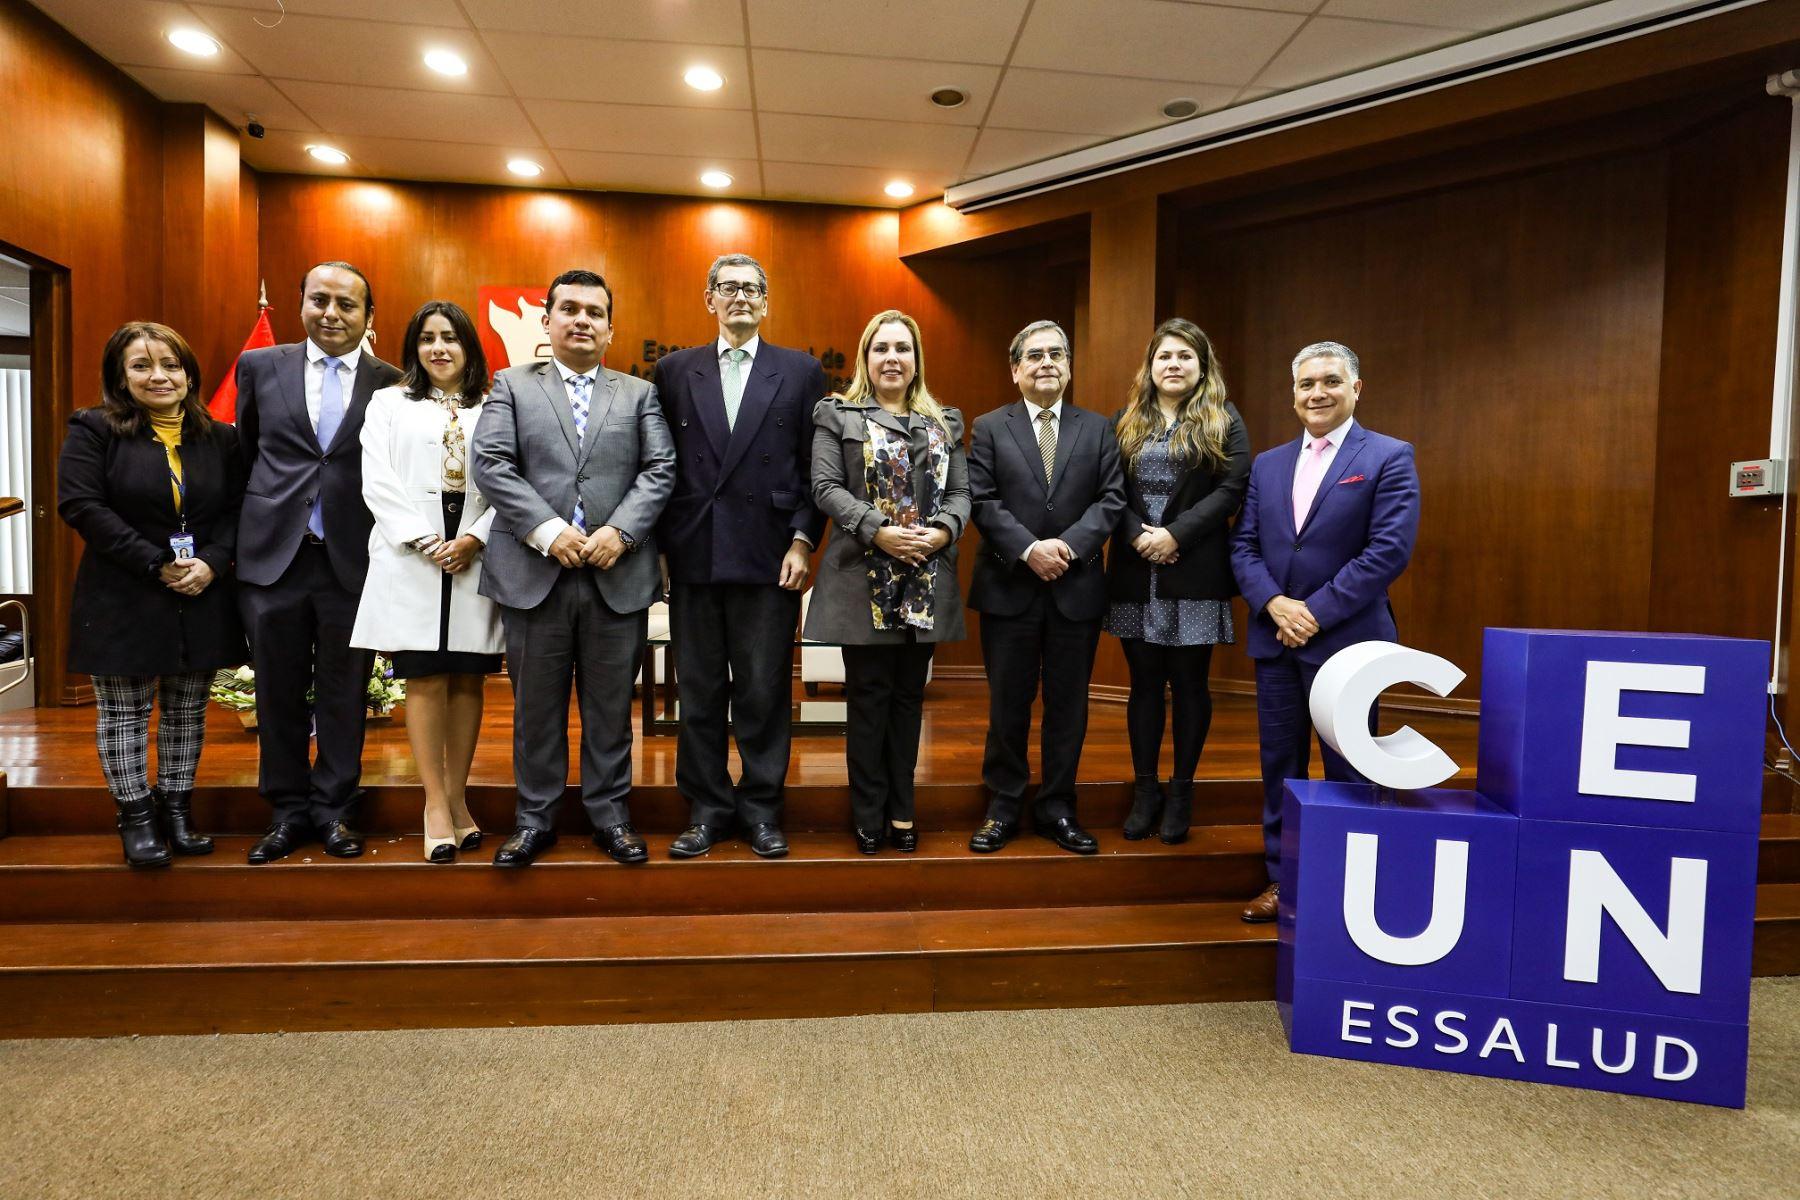 Presidenta de EsSalud lanzó hoy el I Curso de Extensión Universitaria dirigido a jóvenes con alto rendimiento académico. Foto: EsSalud